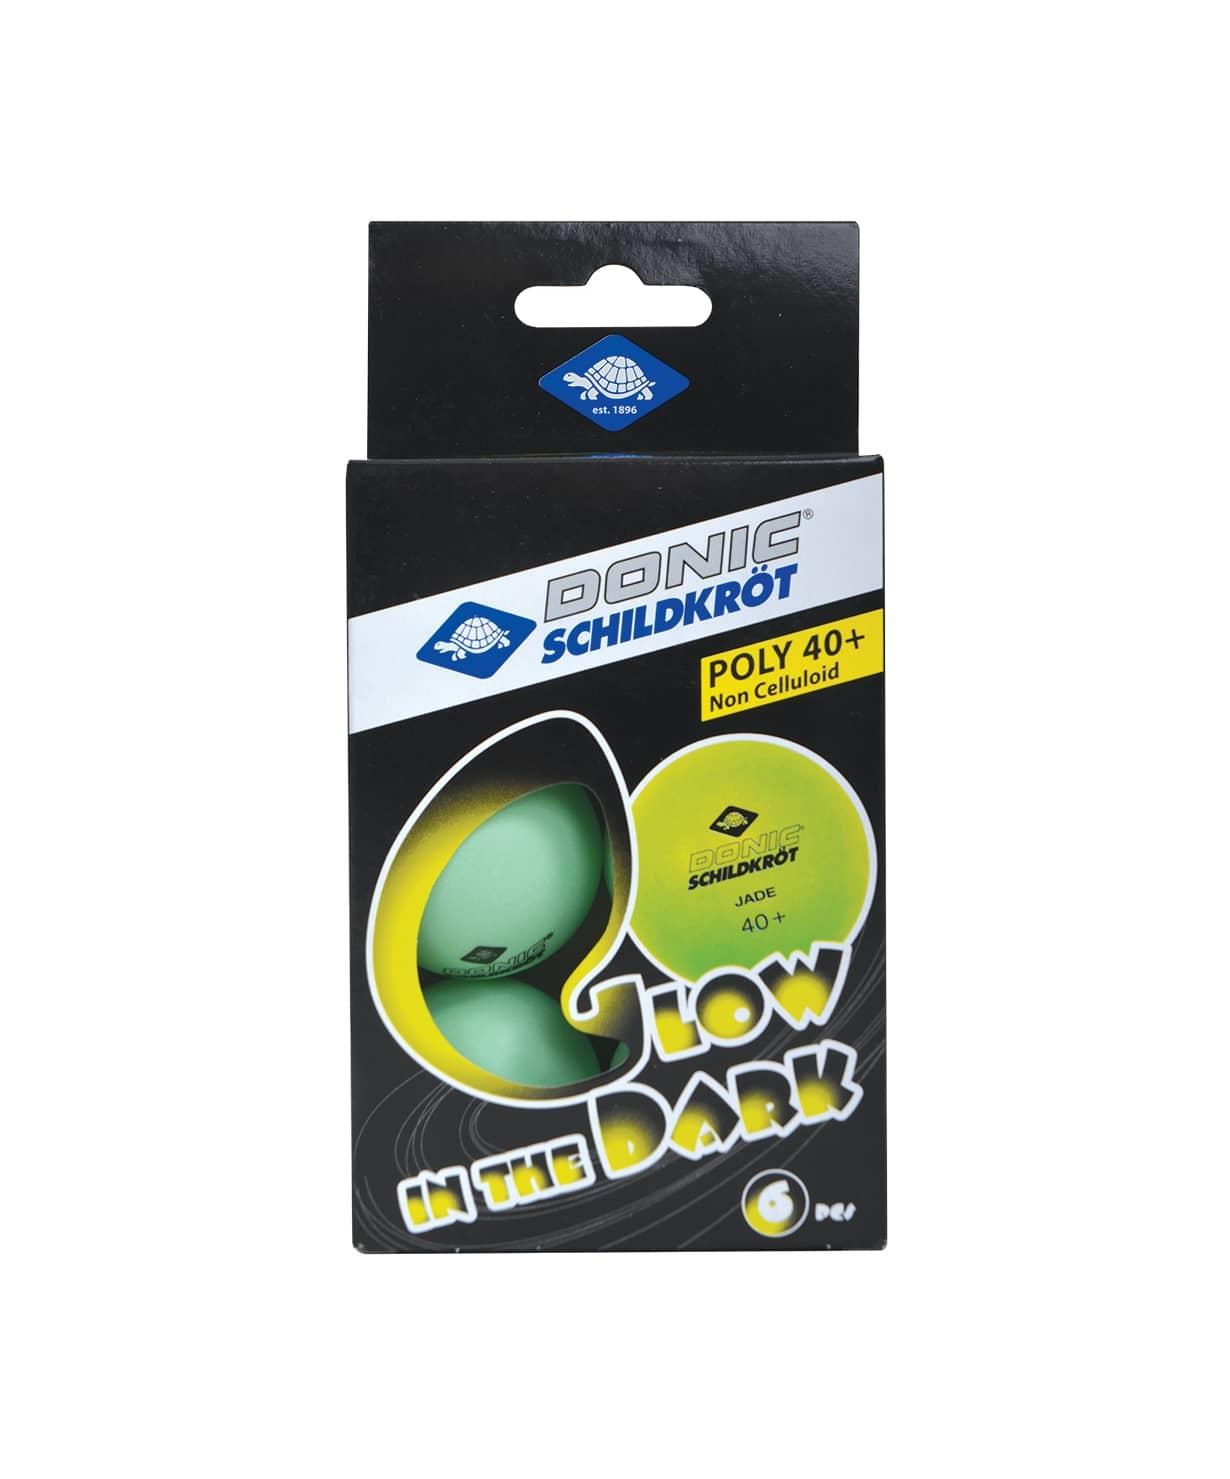 Мяч для настольного тенниса Glow in the dark, 6 шт.